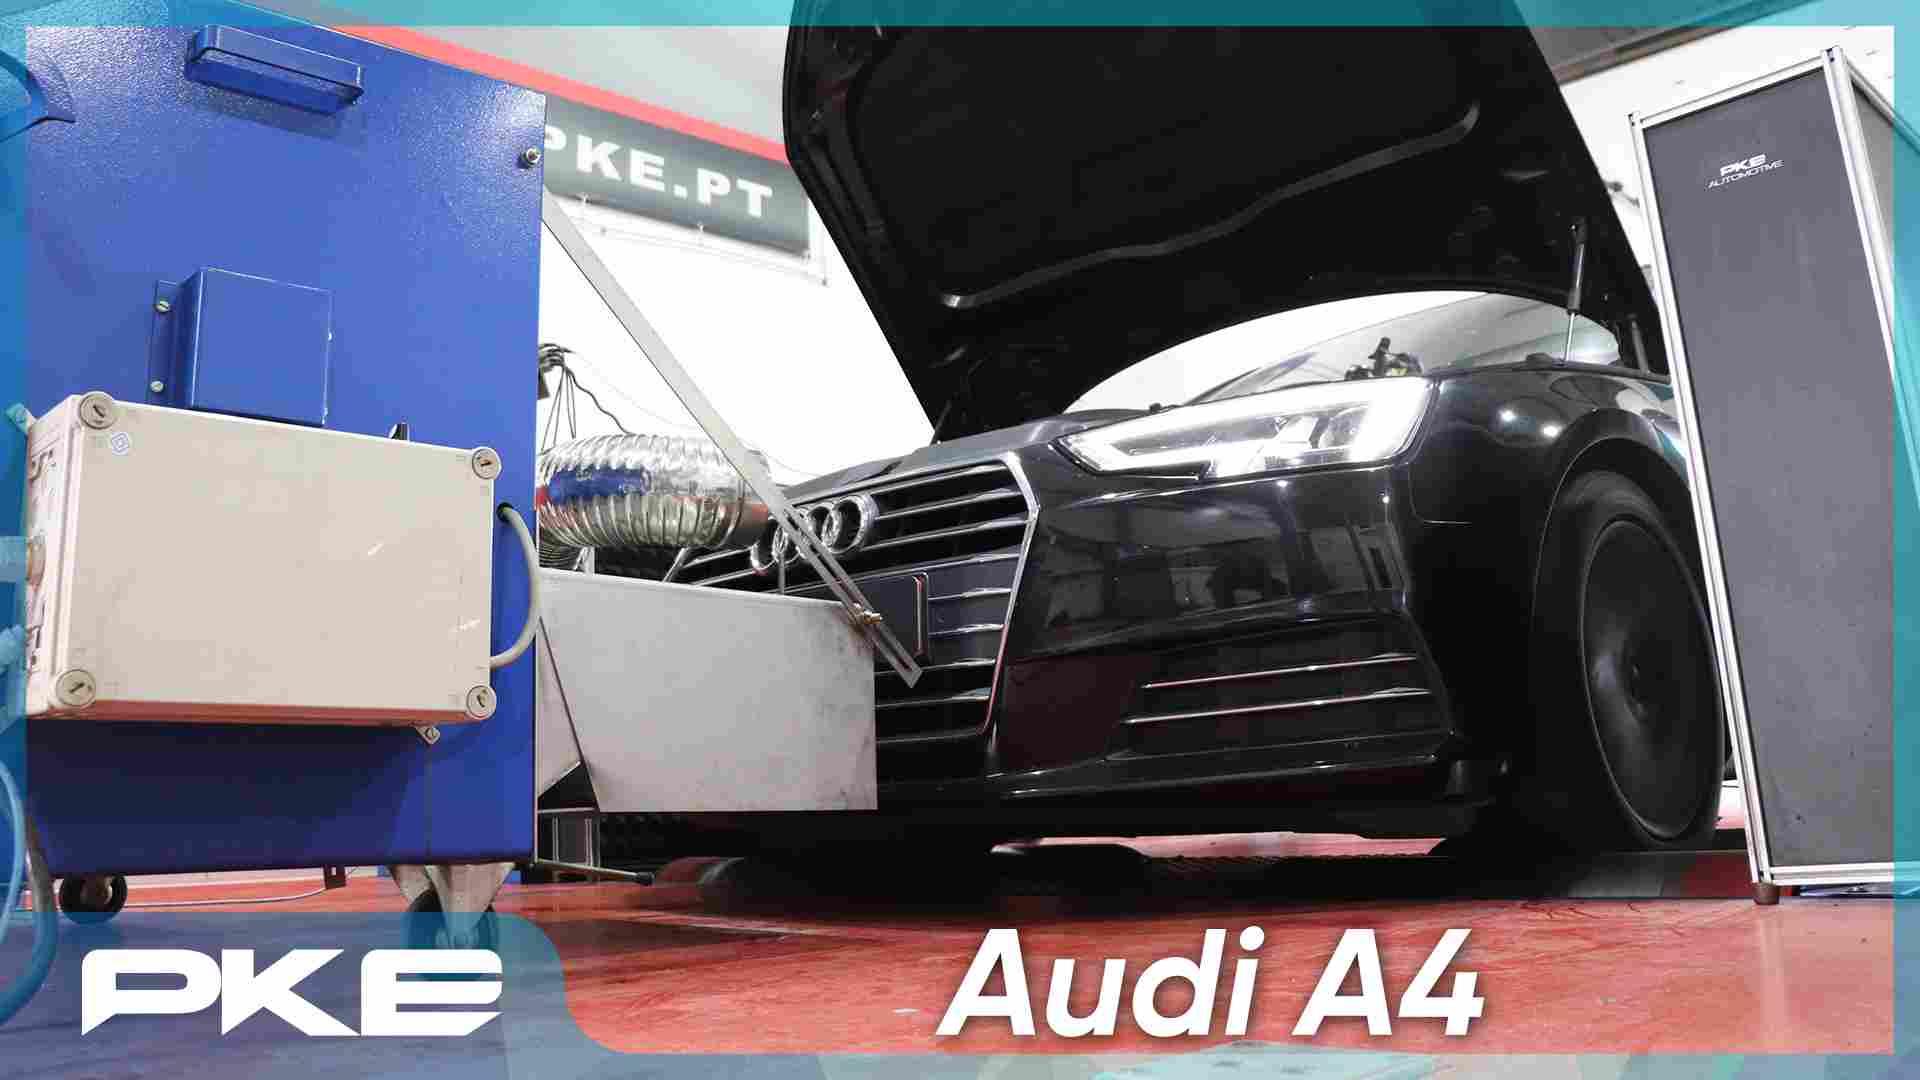 PKE FlexDRIVE Audi A4 2016